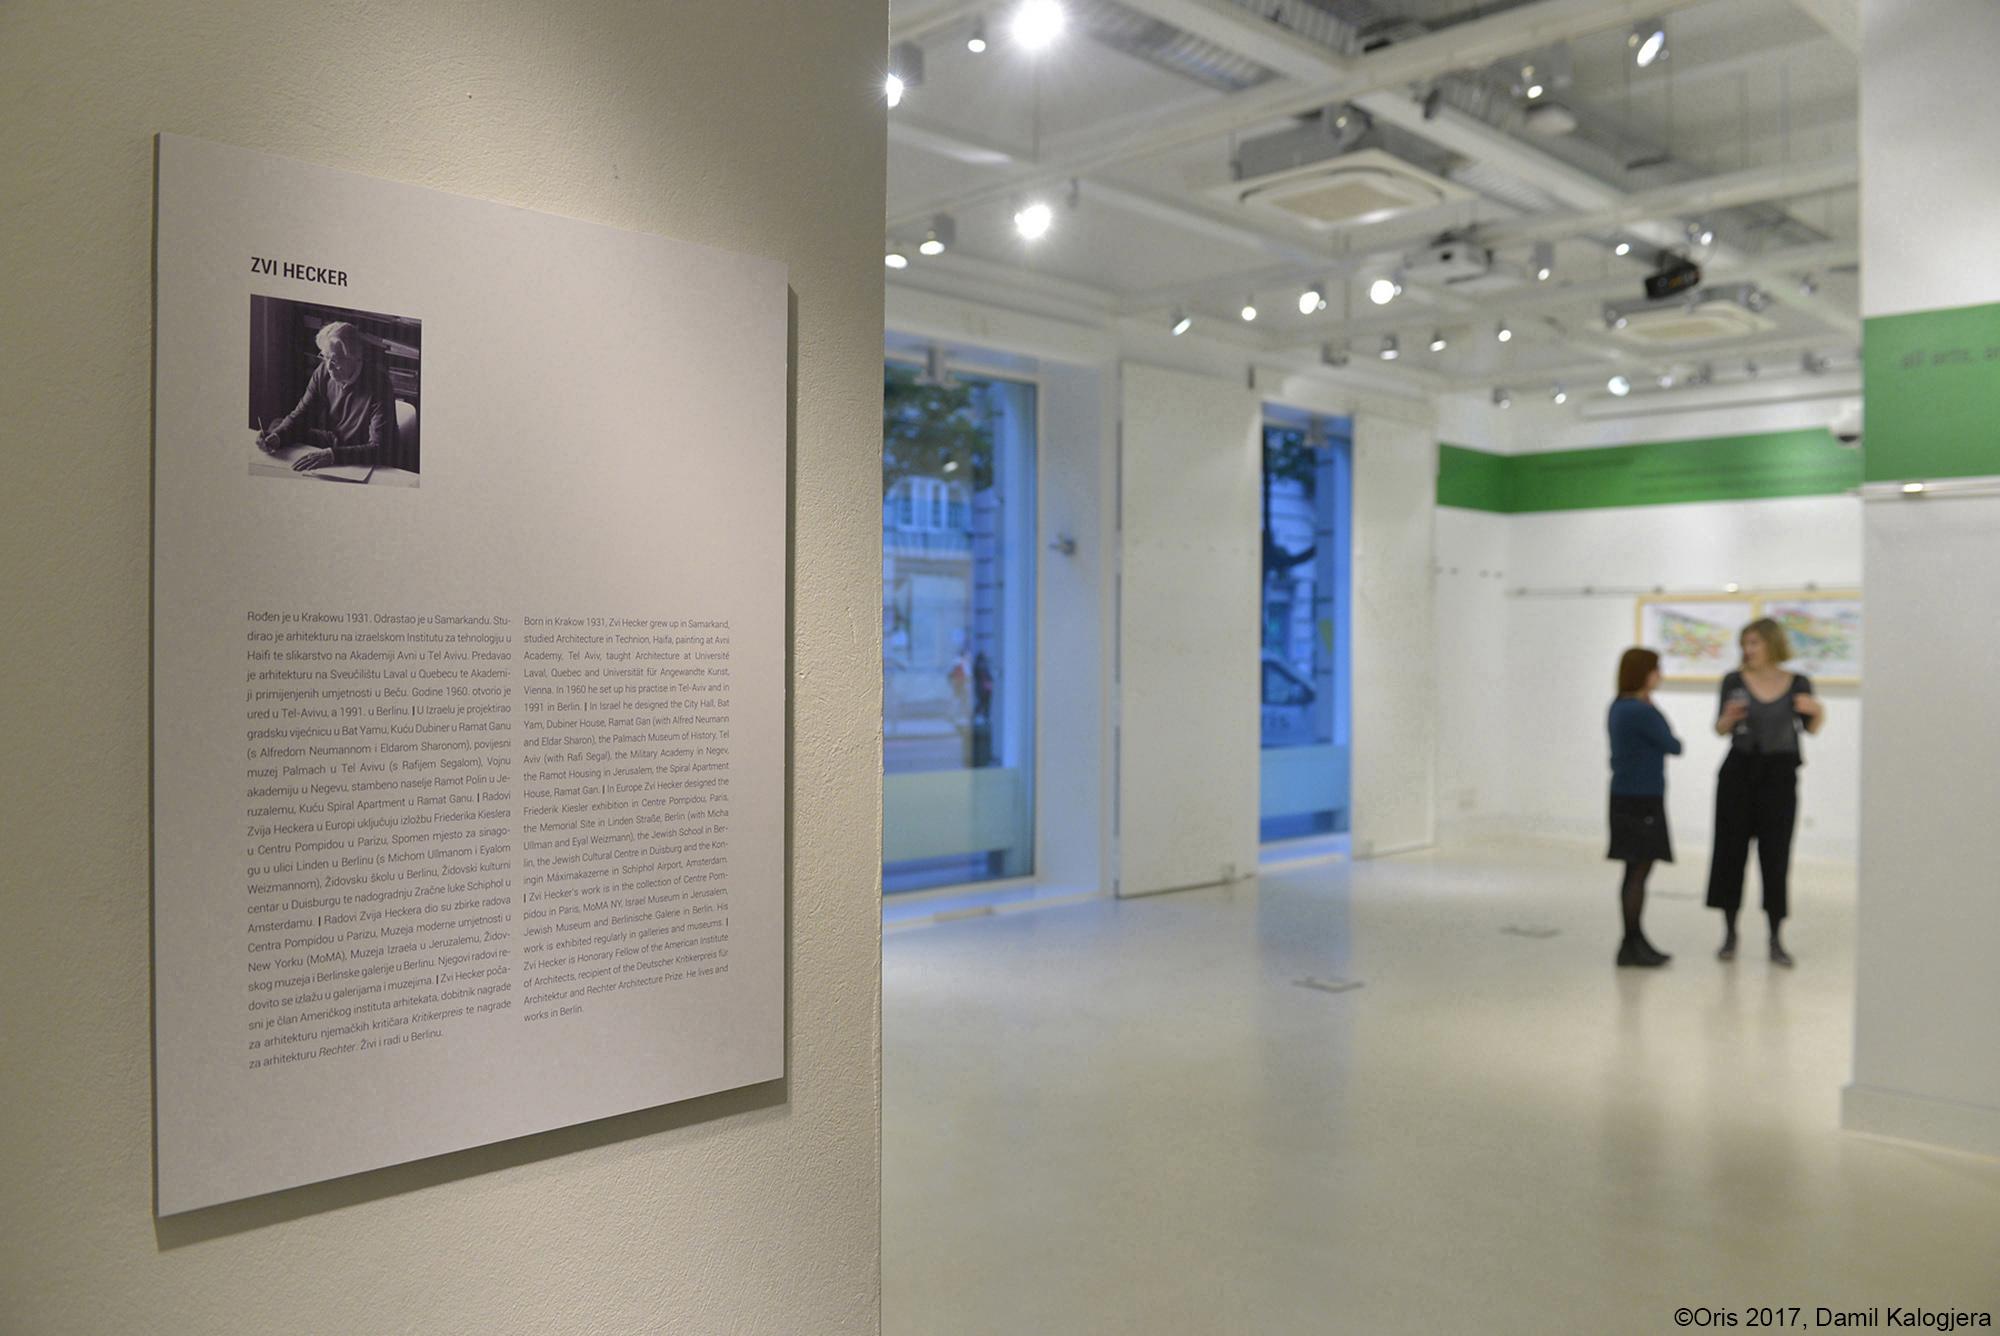 Exhibition Zvi Hecker